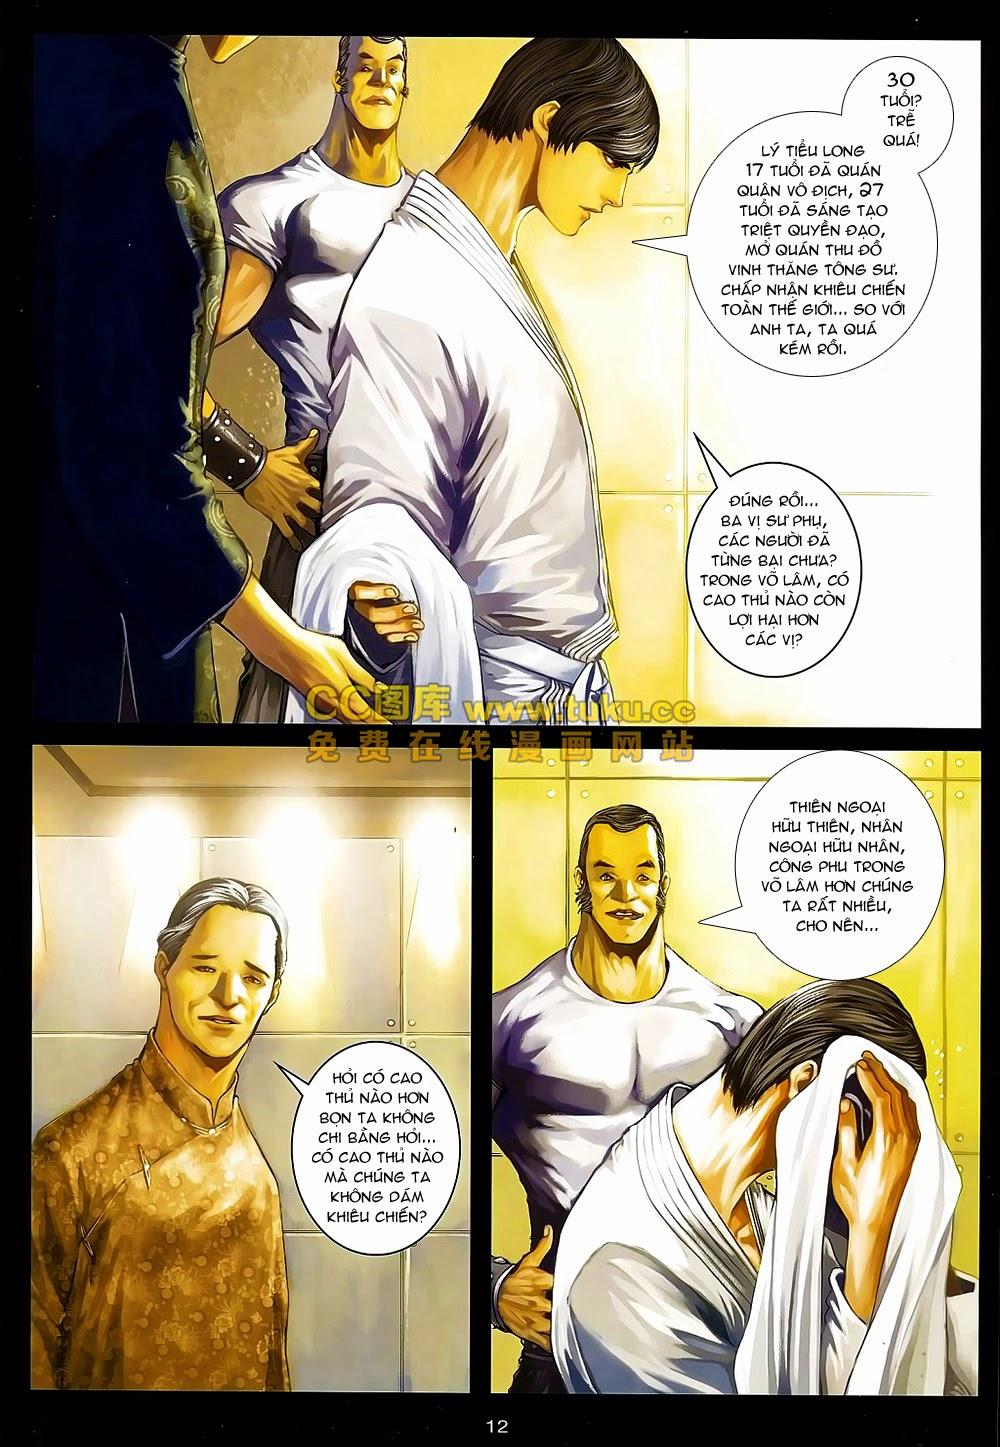 Quyền Đạo chapter 6 trang 12